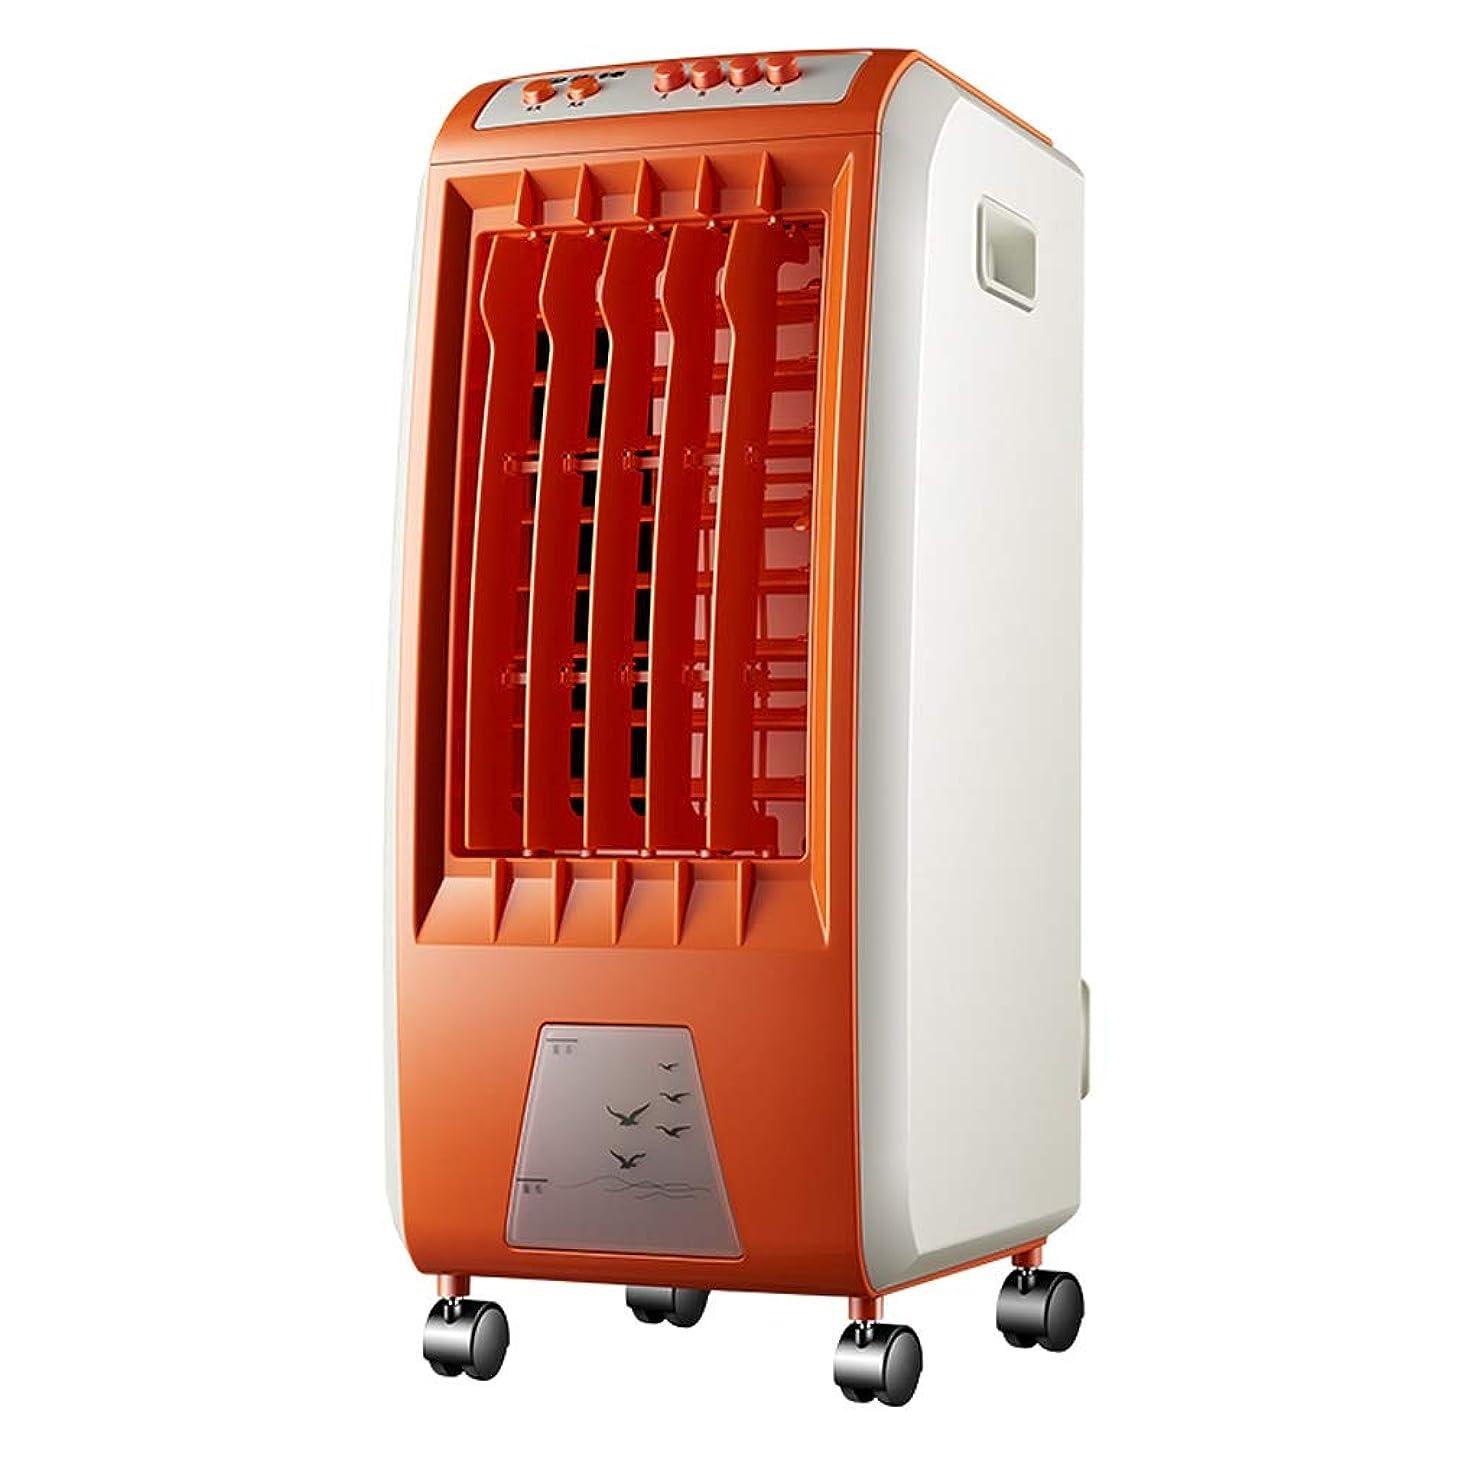 セグメントストライド割り当て単一の冷たい空調ファンのオレンジの機械的なバージョン、省エネの静かな可動式の水冷却ファン